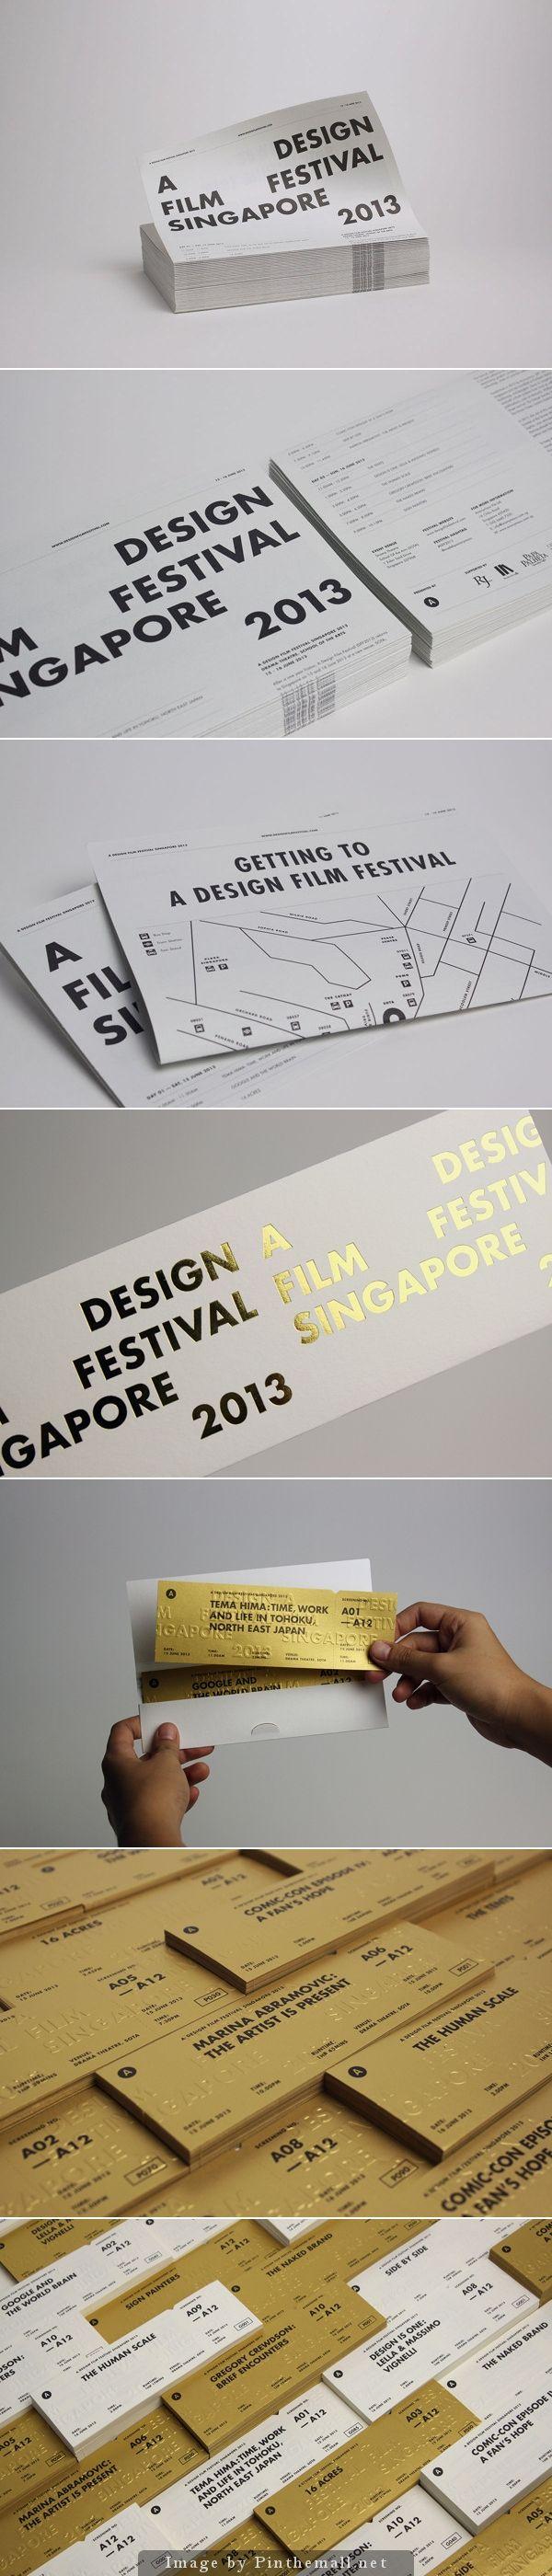 Design Film Festival Singaport